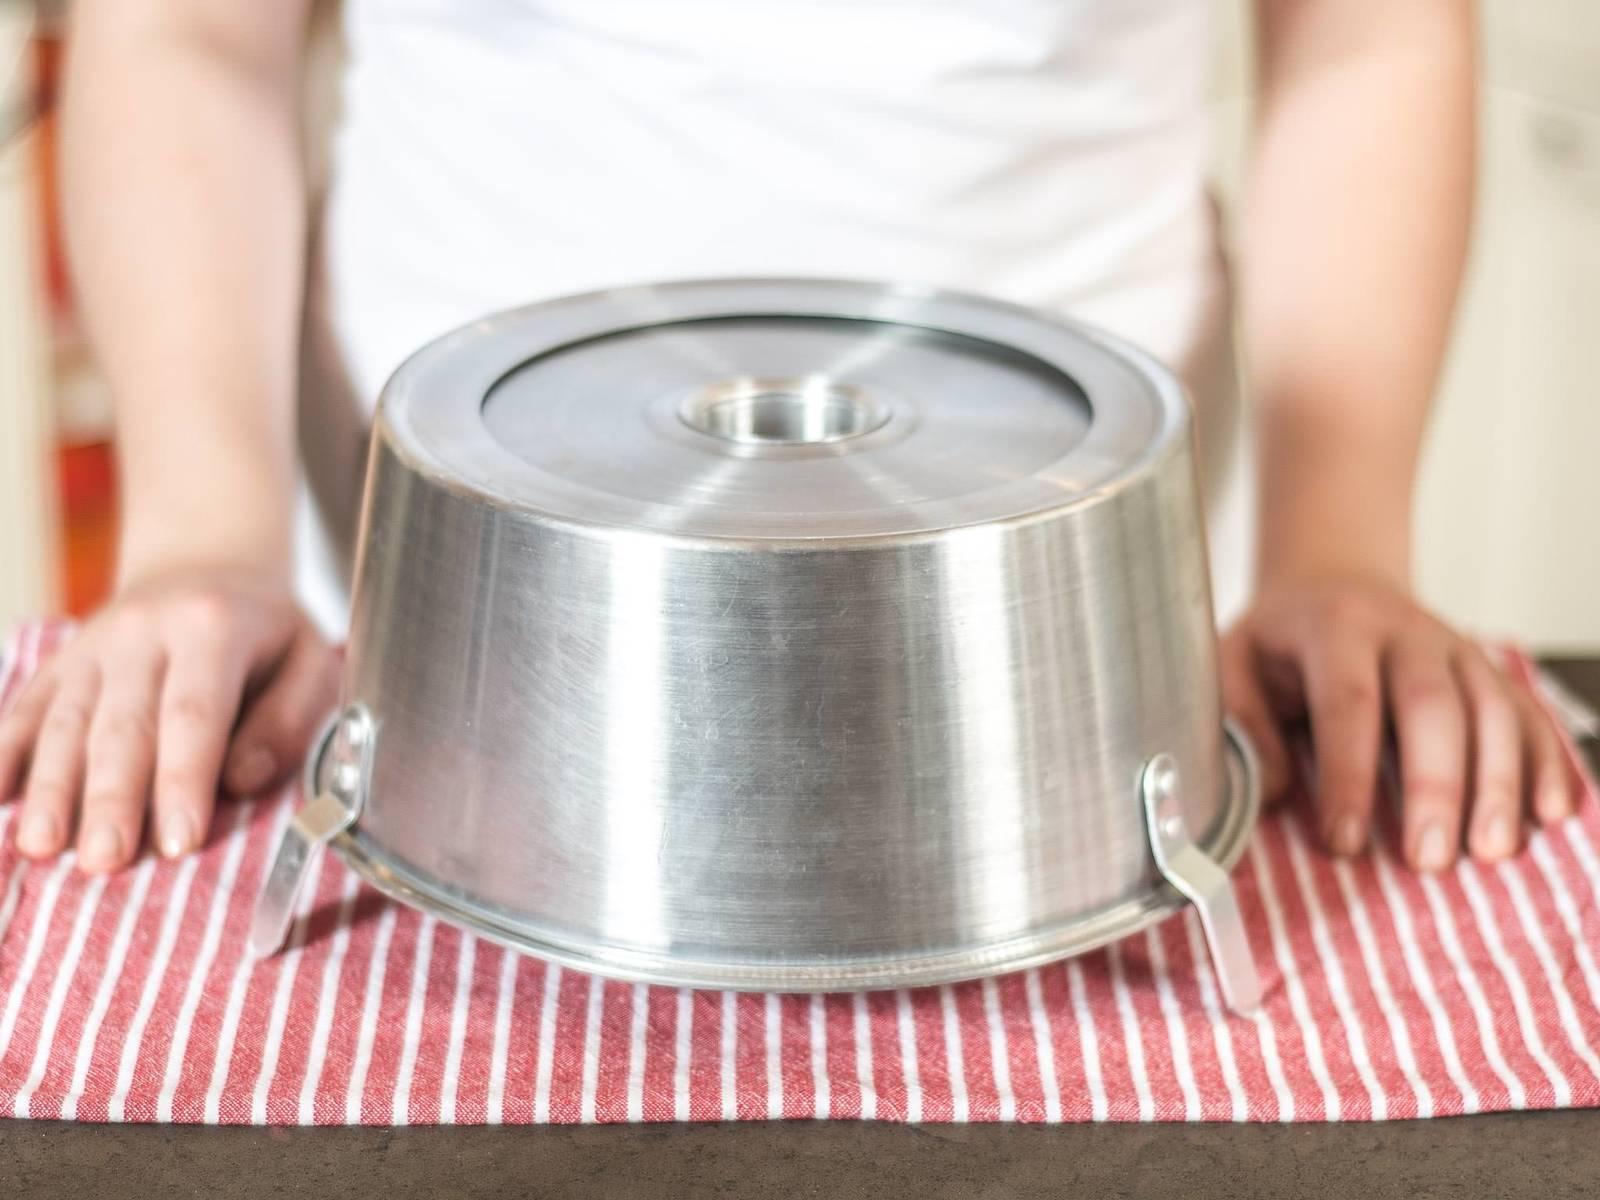 翻转烤模,或者利用中间的空洞,将烤模扣在盘子上,冷却1小时。